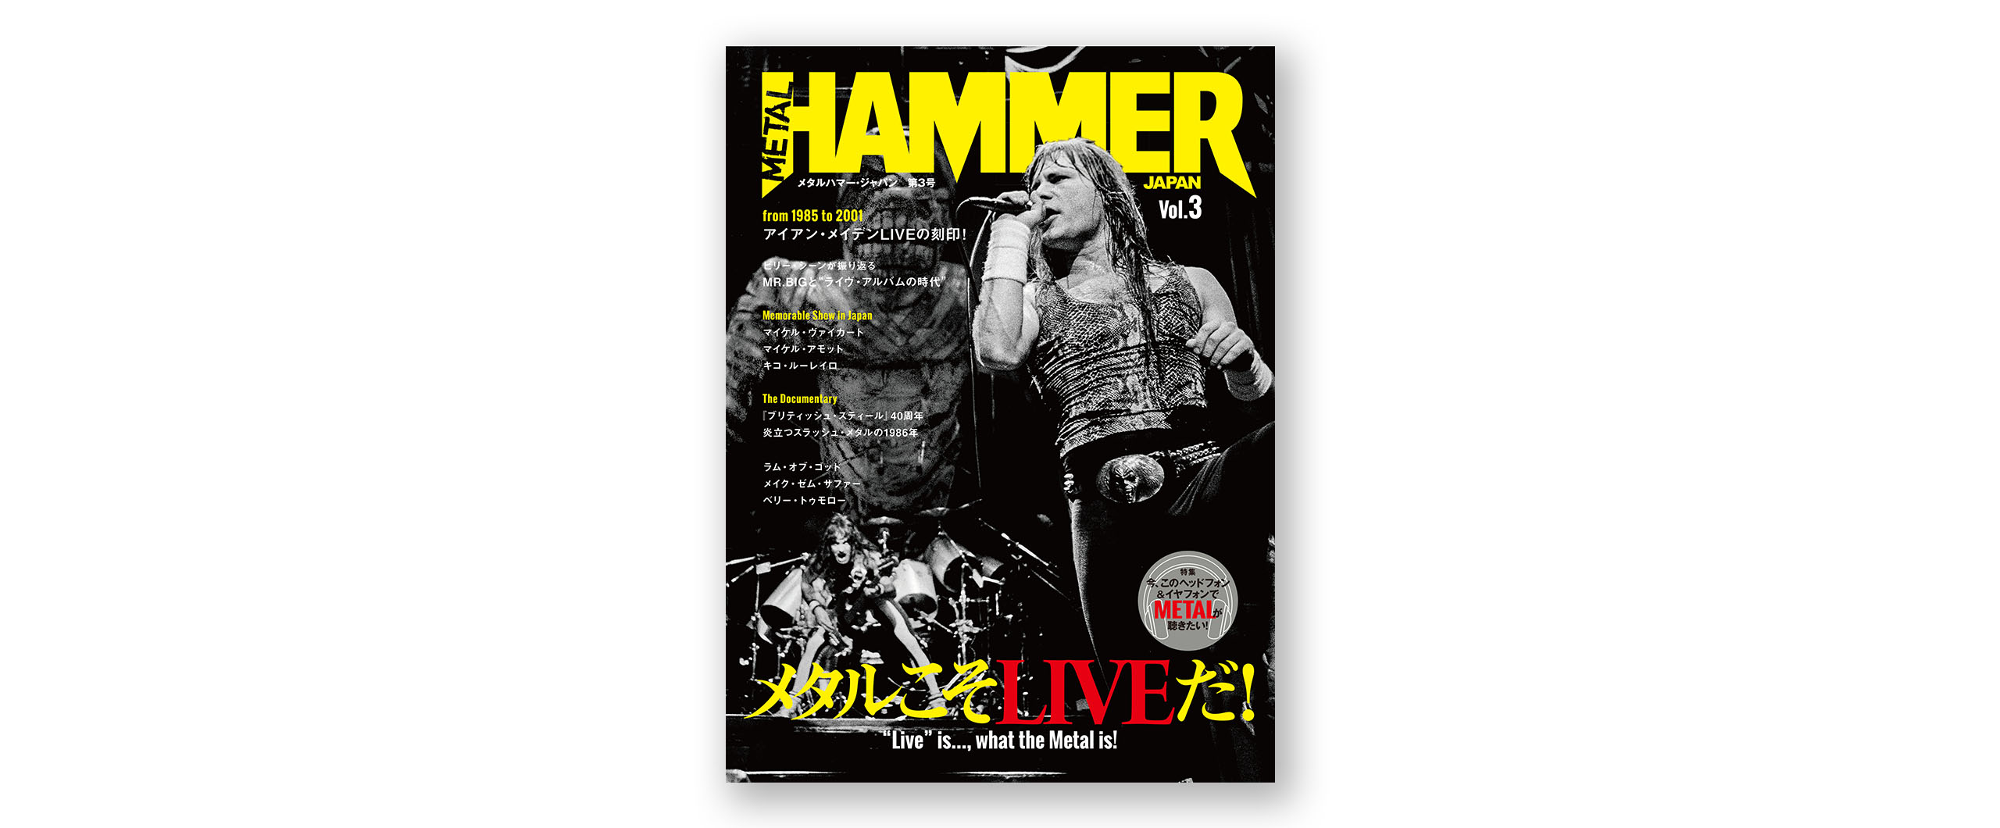 メタル専門誌『METAL HAMMER JAPAN Vol.3』名ライブを掘り下げる特集記事を掲載